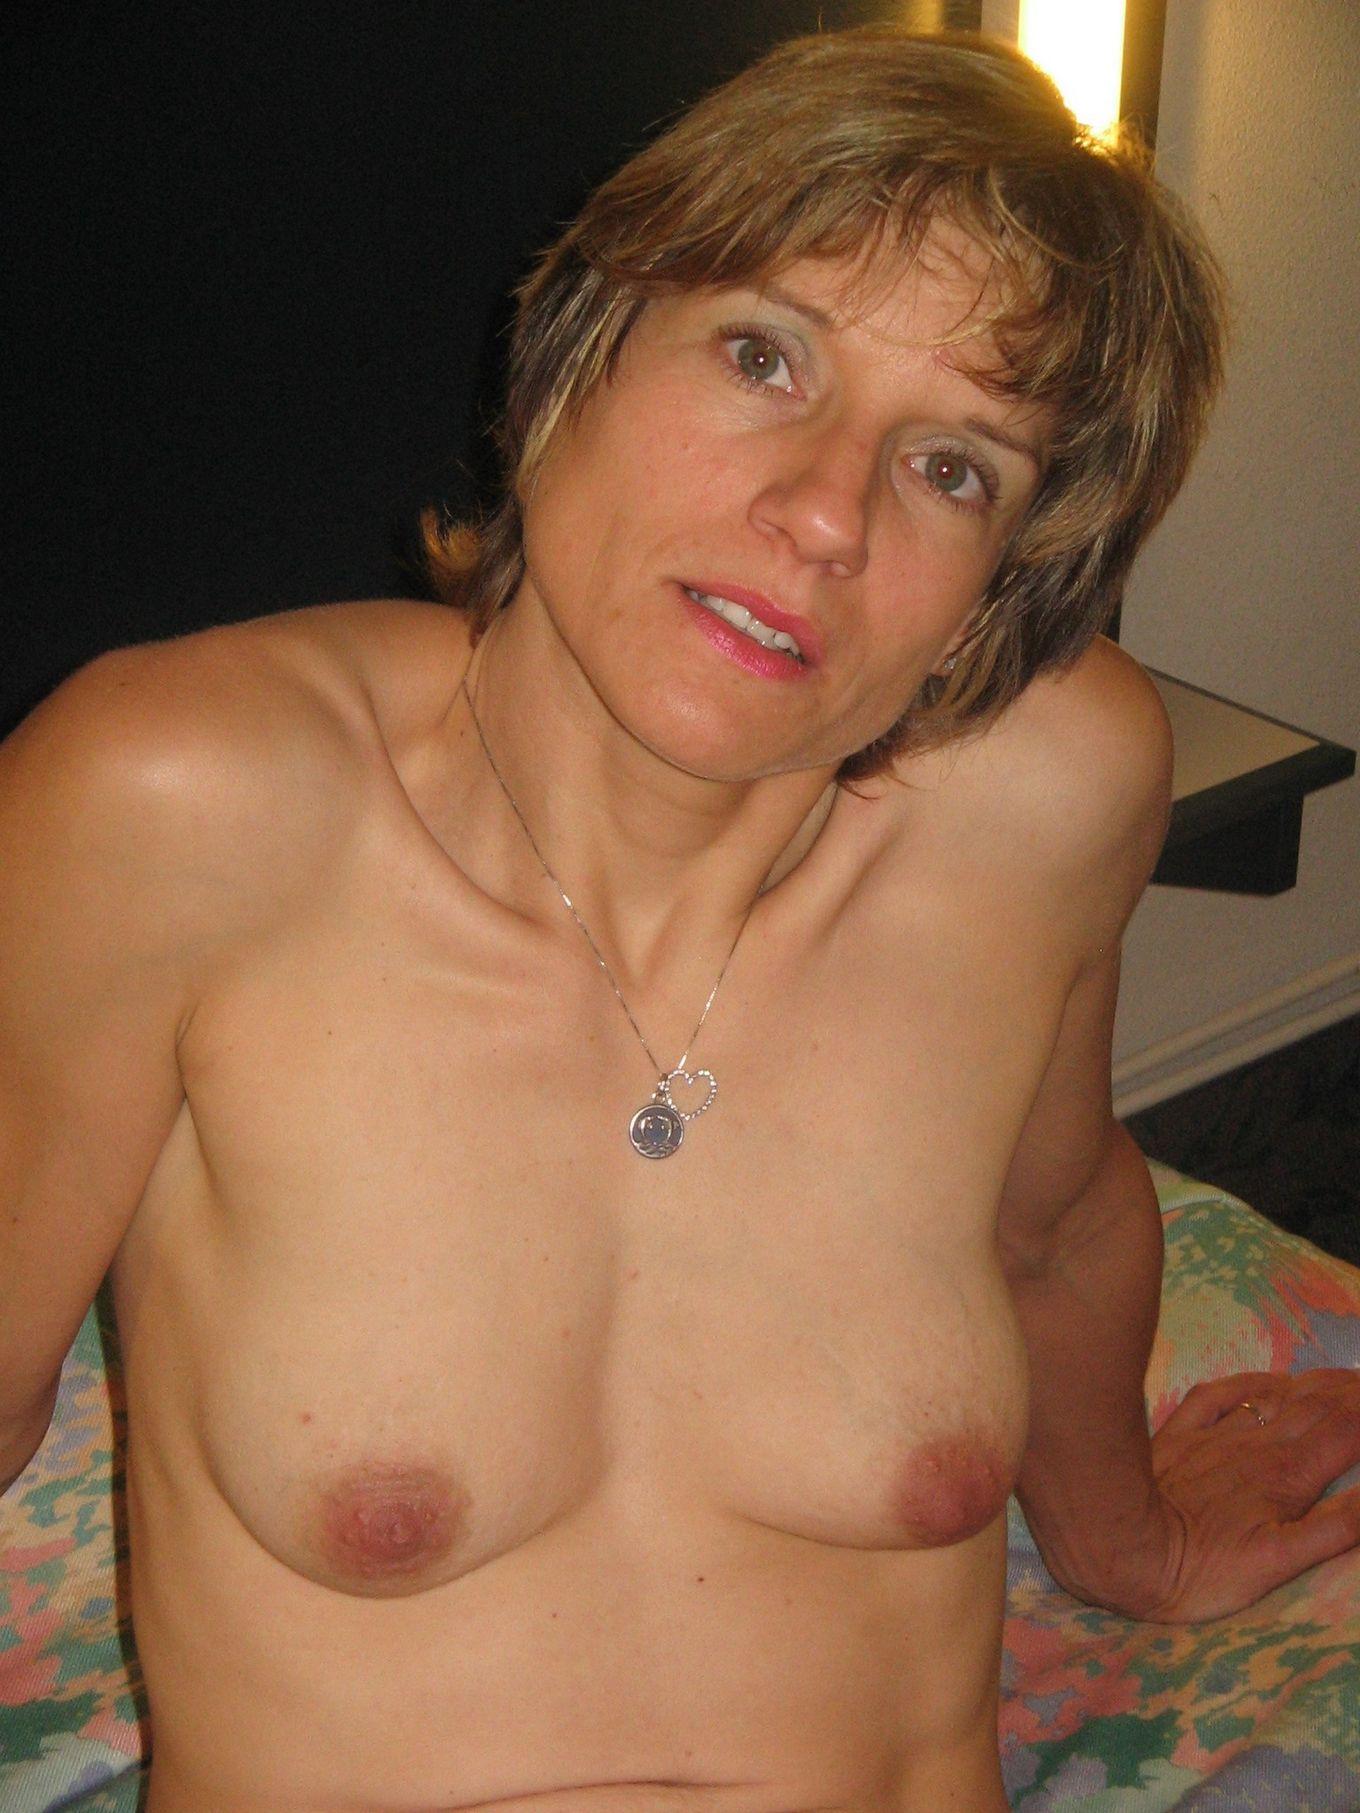 Дрочка и позирование немолодой бабы с маленьким бюстом